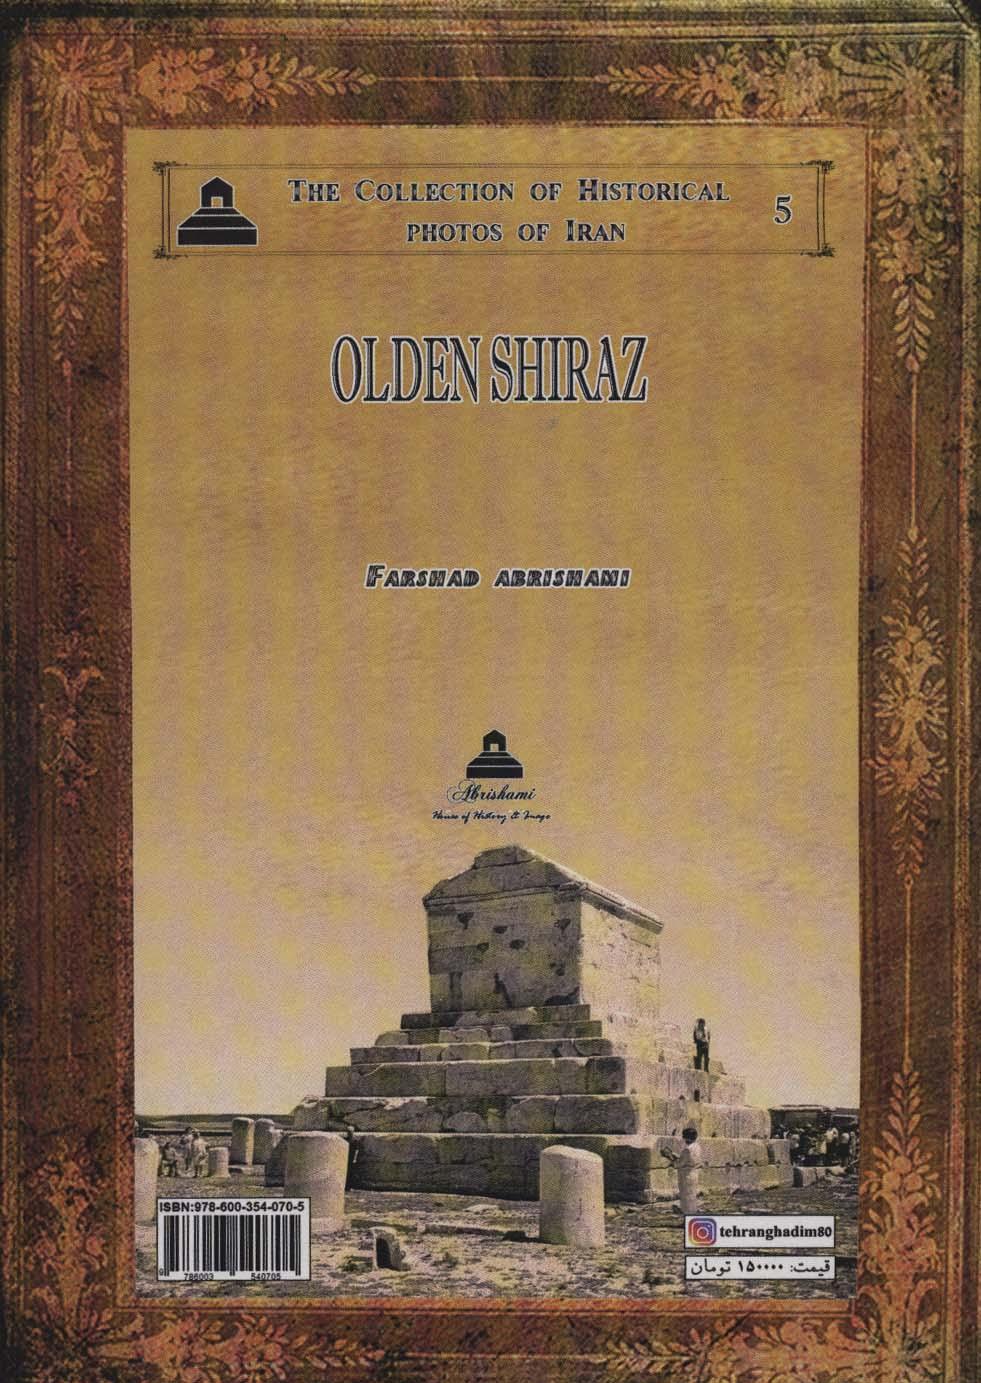 عکس های تاریخی ایران 5 (شیراز قدیم)